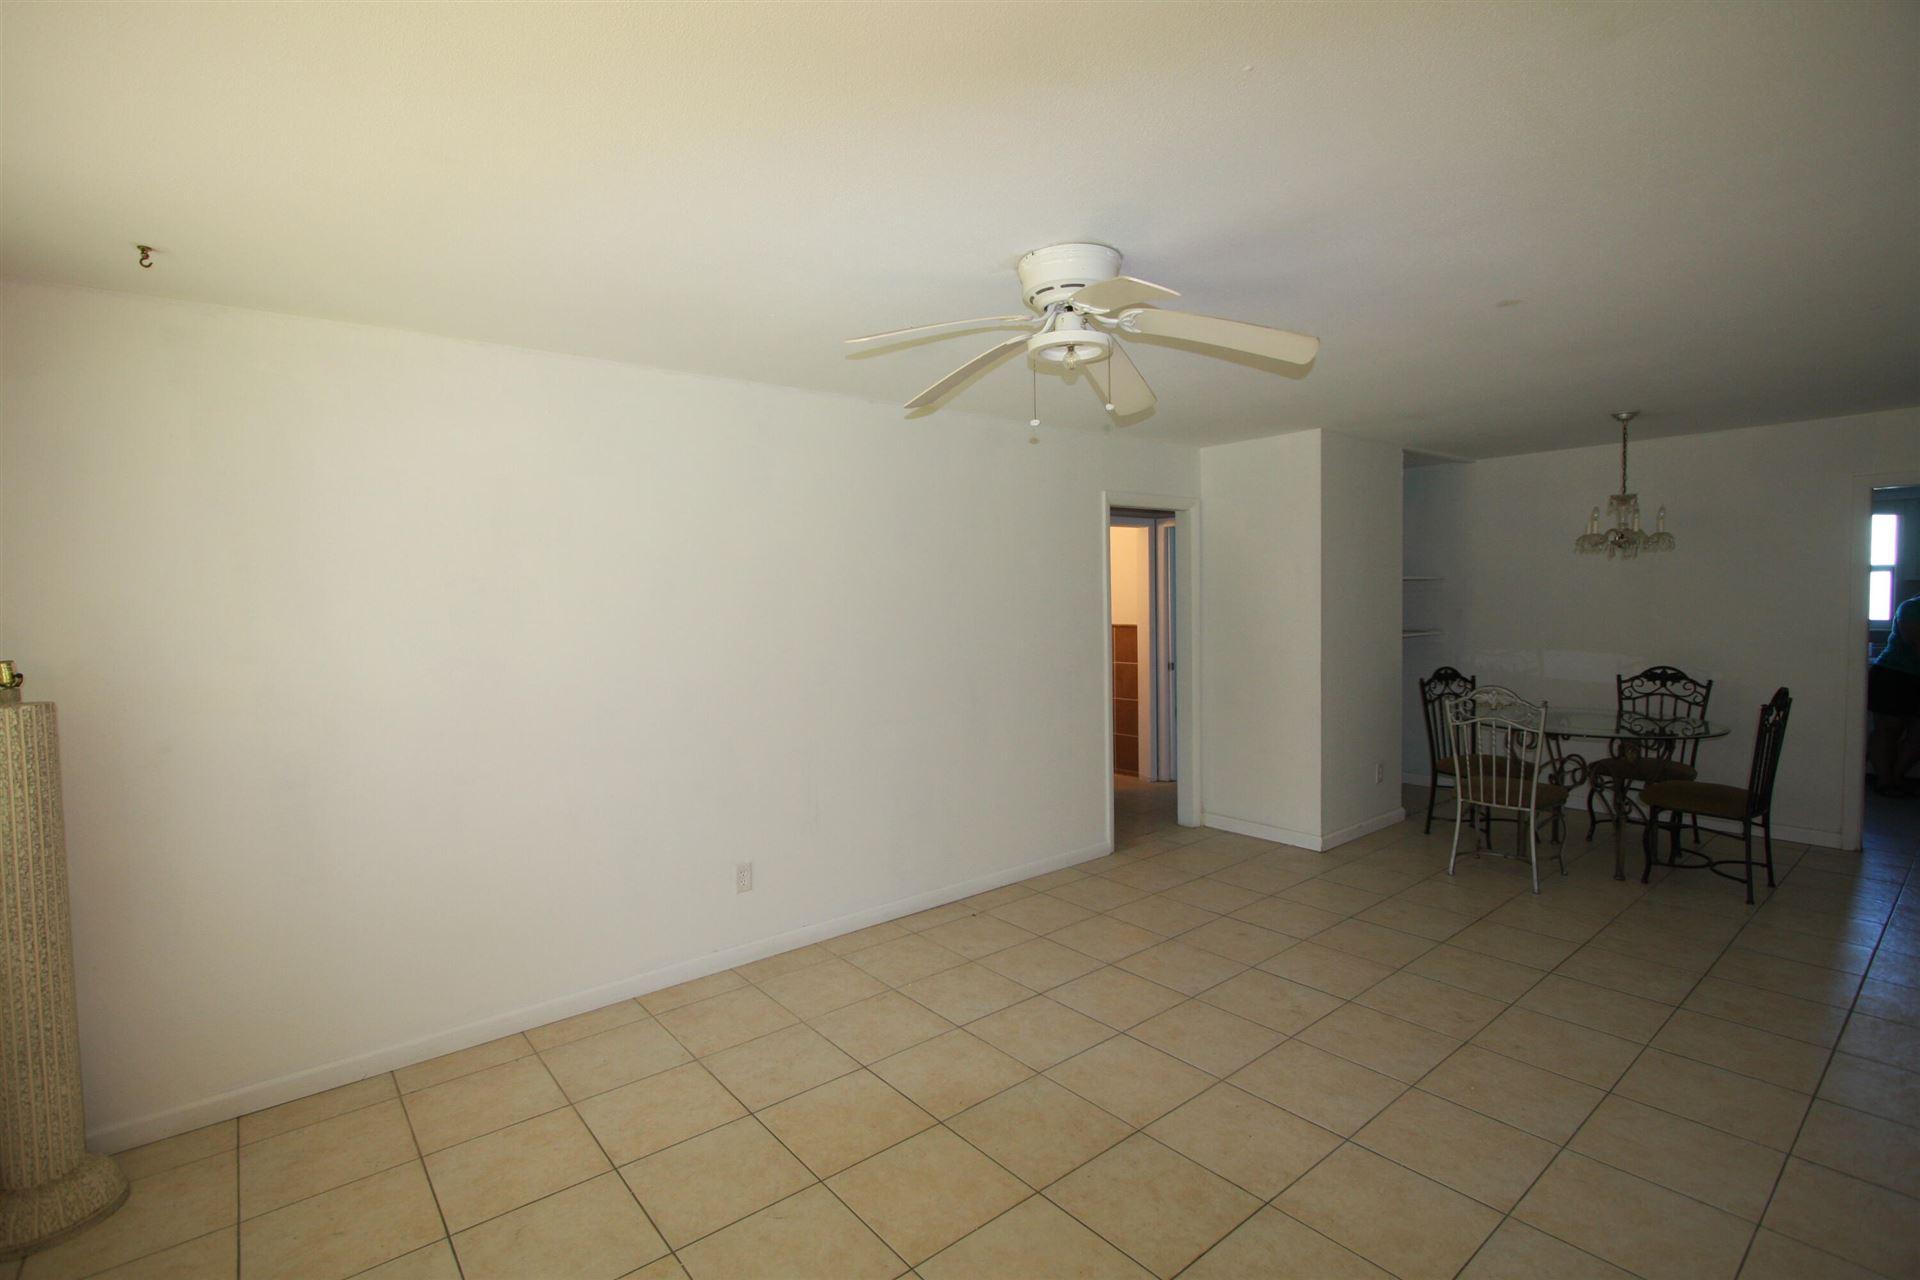 1050 E Sample Road #101, Pompano Beach, FL 33064 - #: RX-10713991